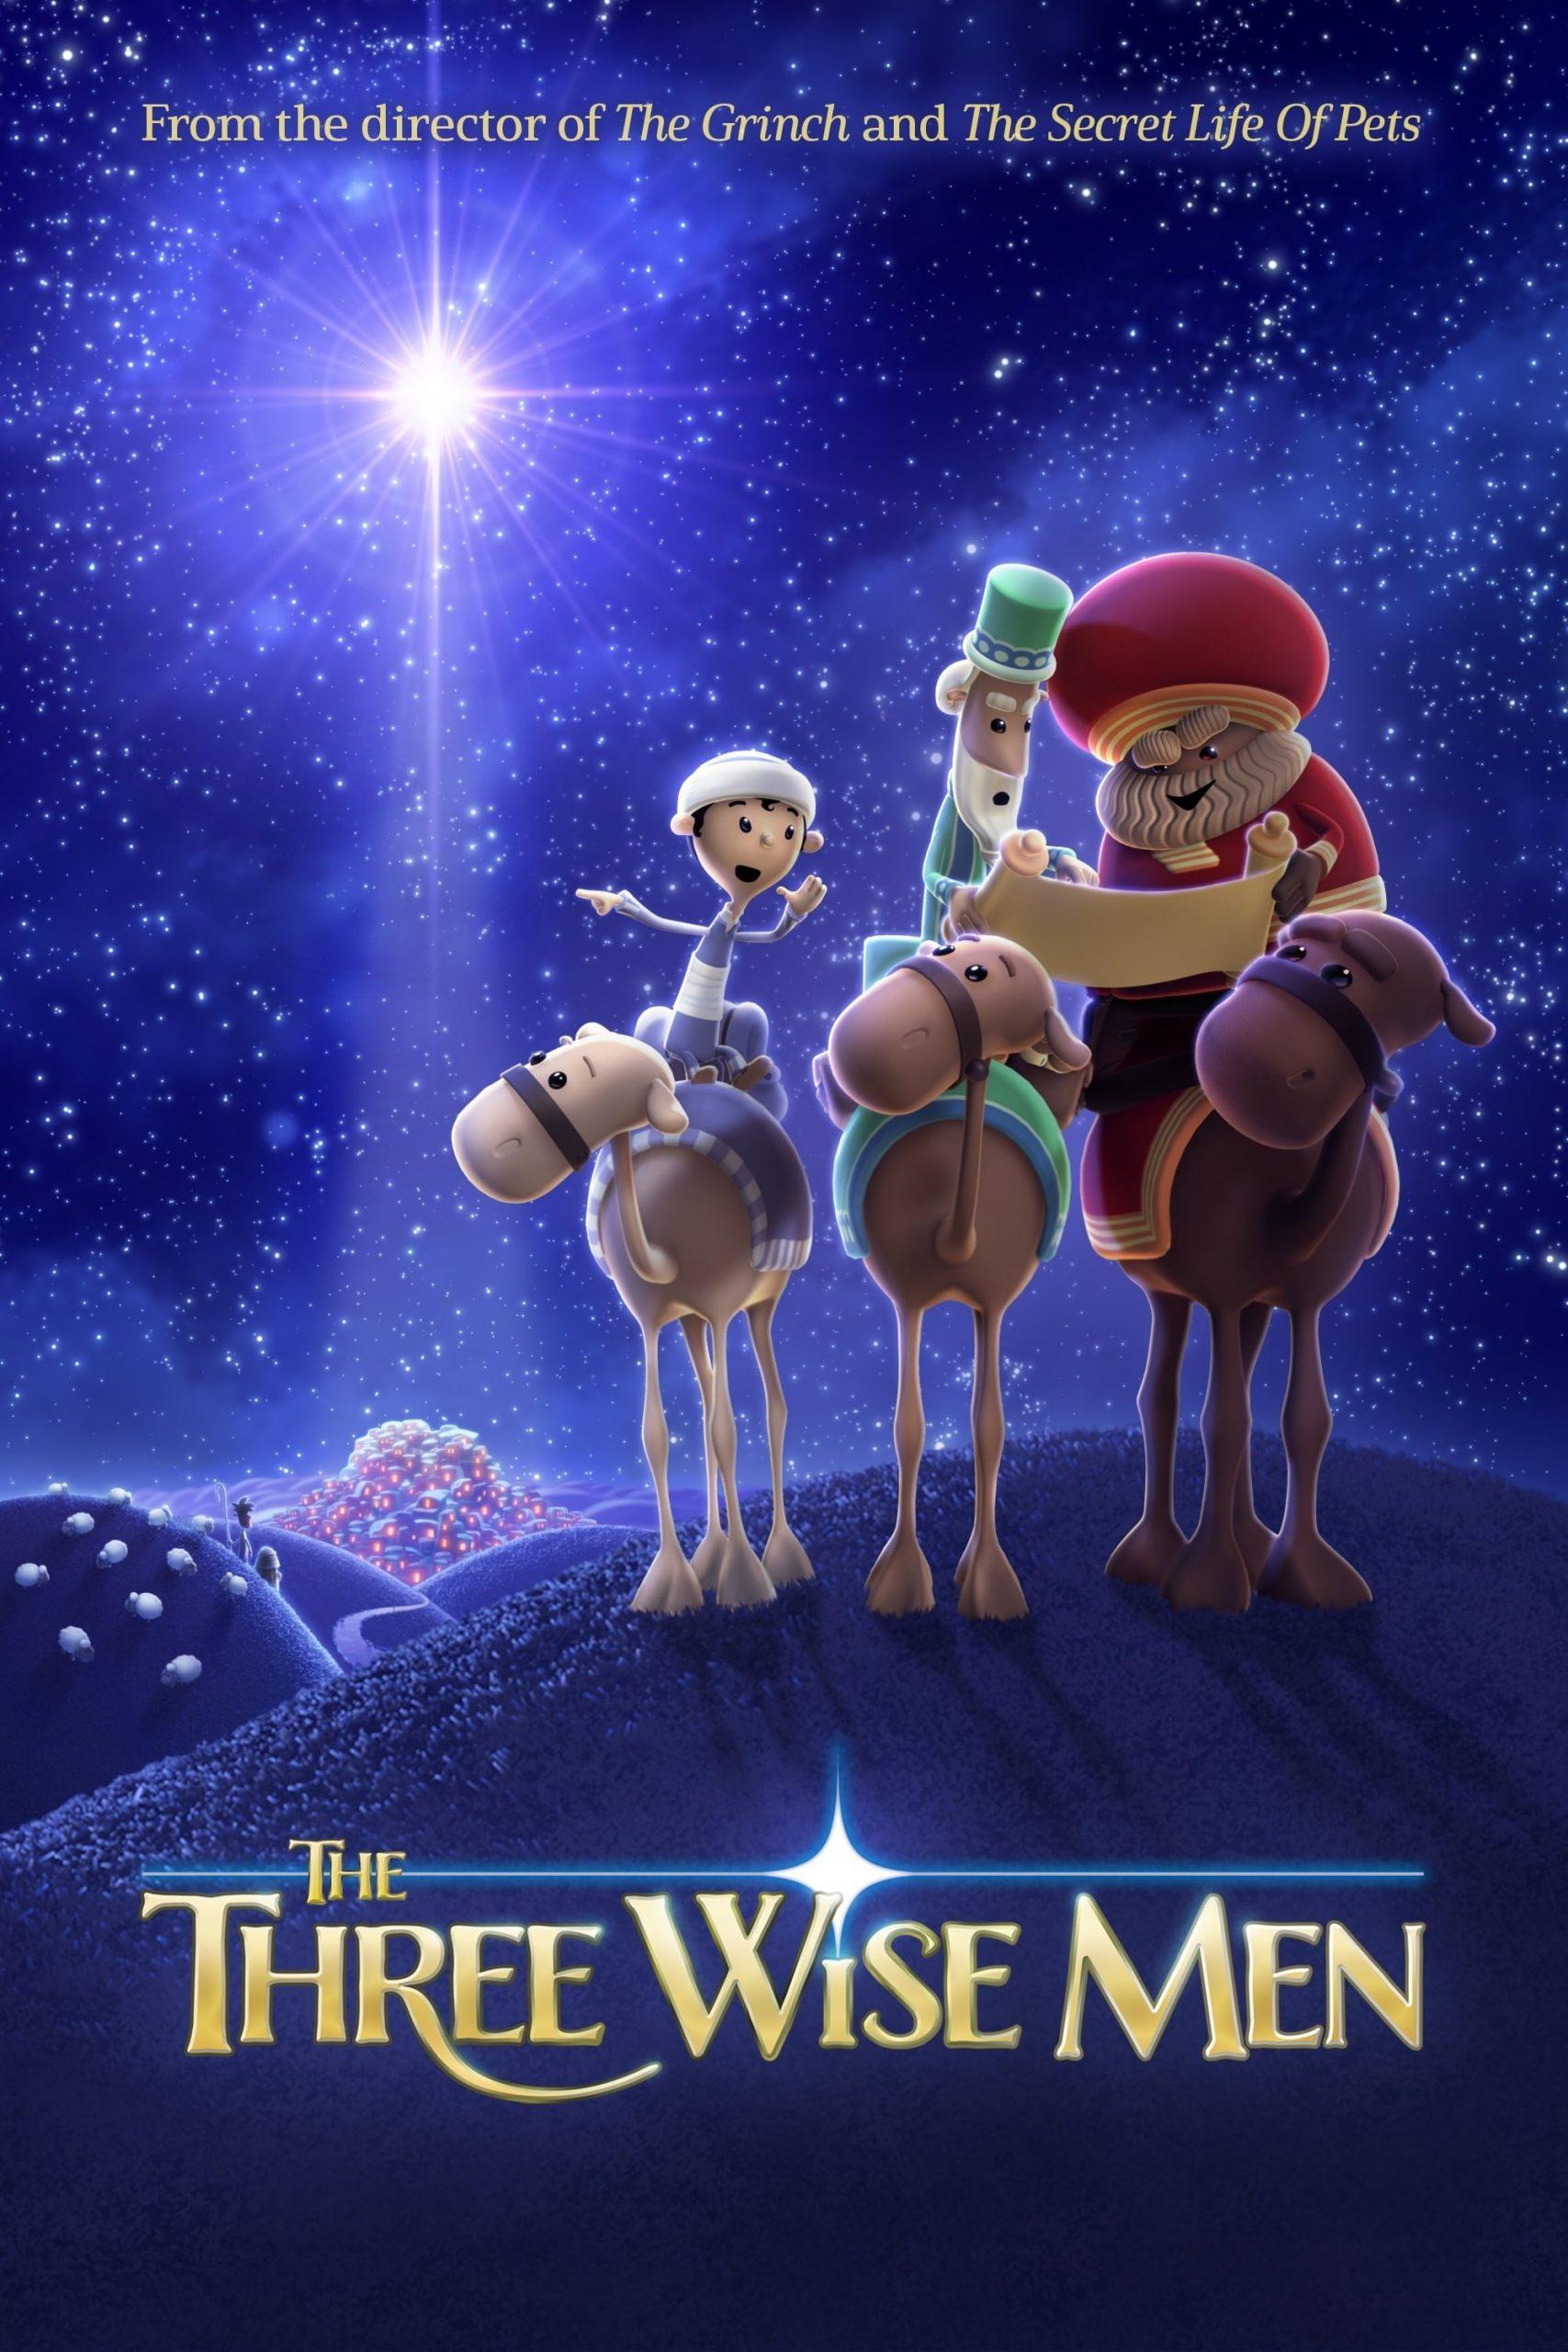 دانلود انیمیشنThe Three Wise Men 2020 با دوبله فارسی